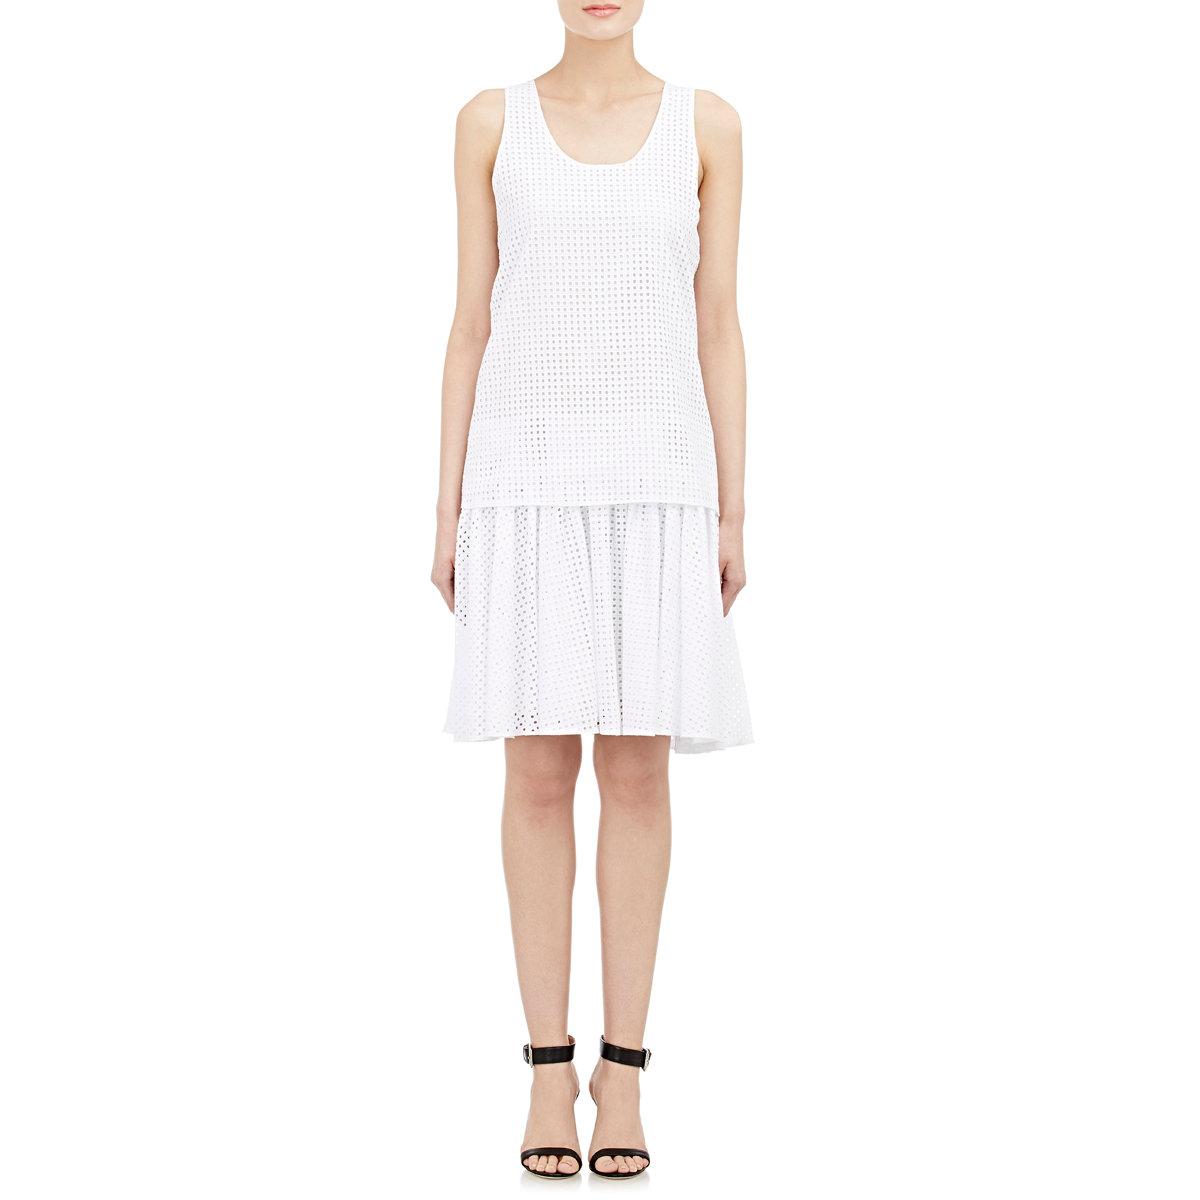 febaad8597 Lyst - Rag & Bone Lakewood Dress in White